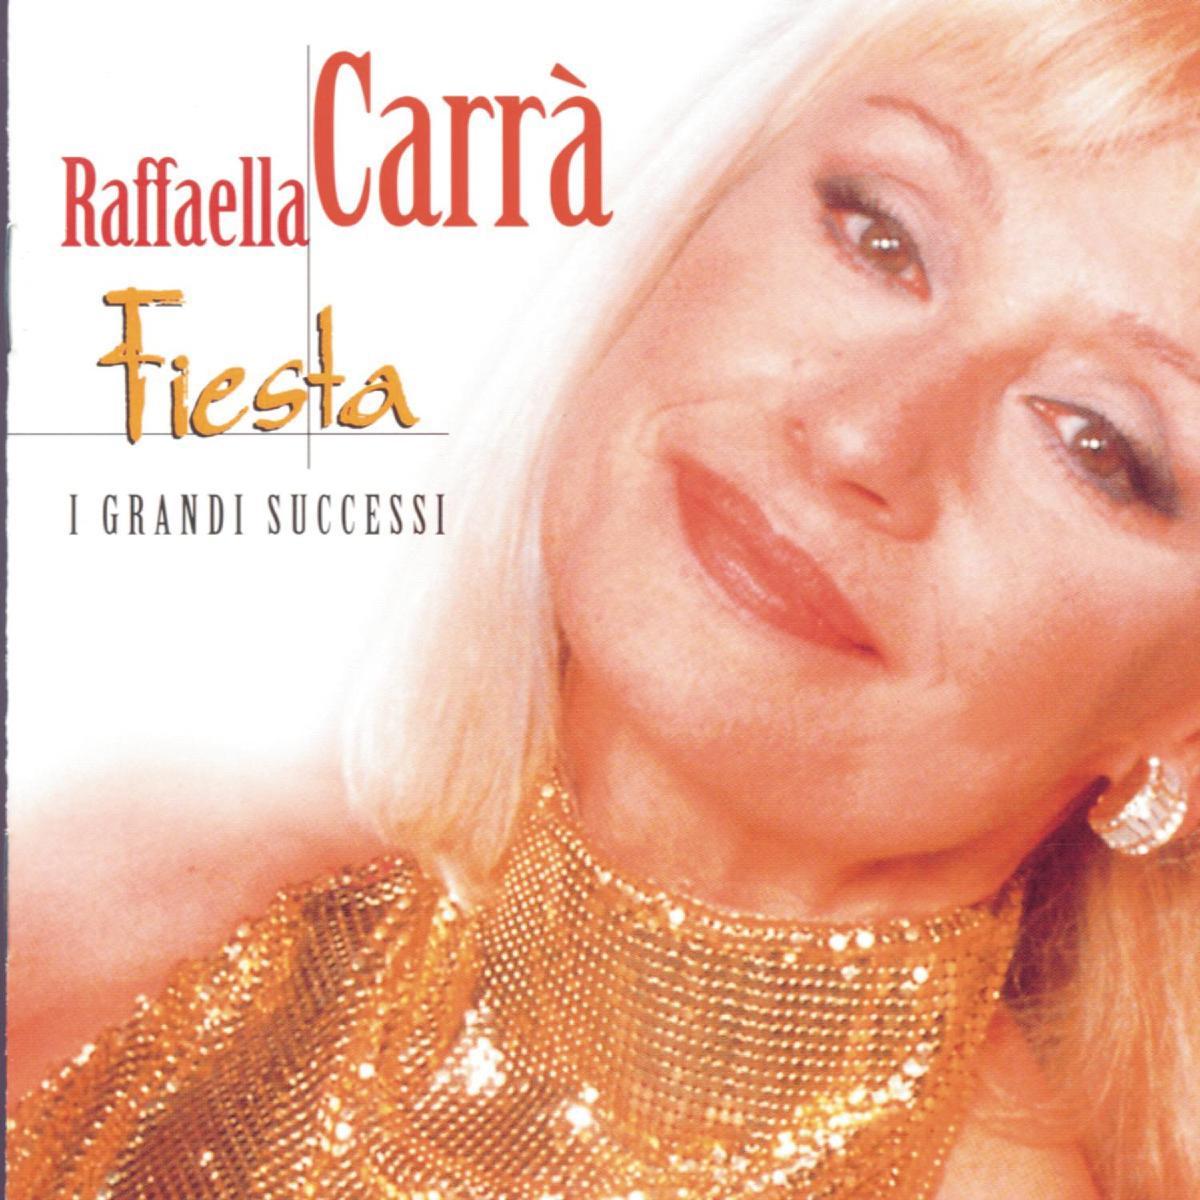 Раффаэла карра порно фото 24 фотография